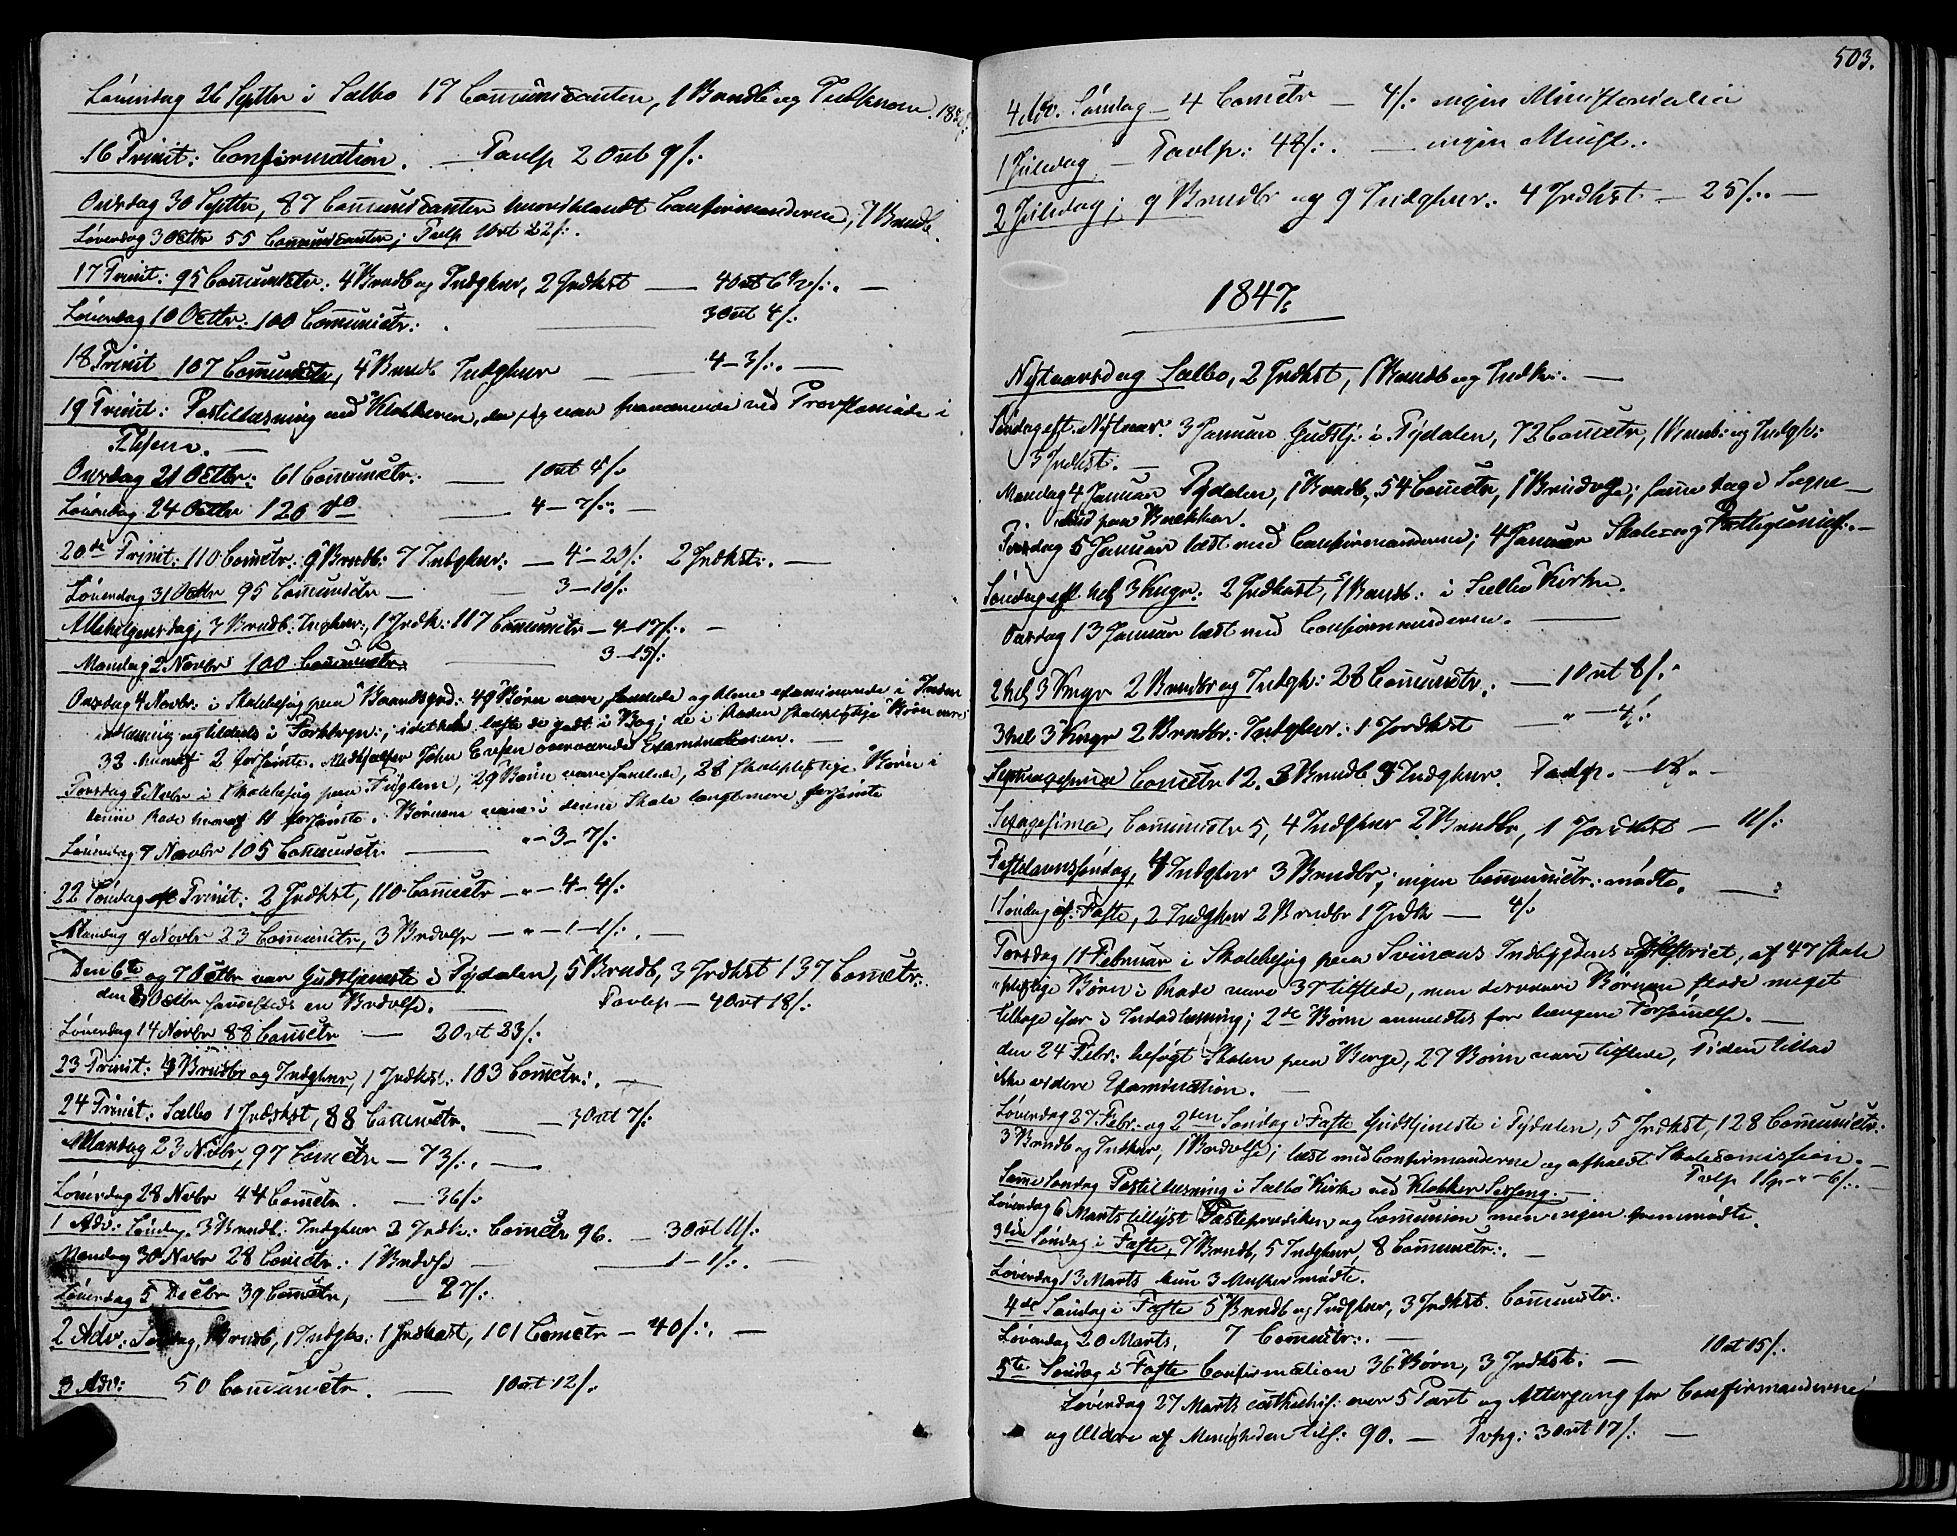 SAT, Ministerialprotokoller, klokkerbøker og fødselsregistre - Sør-Trøndelag, 695/L1145: Ministerialbok nr. 695A06 /1, 1843-1859, s. 503